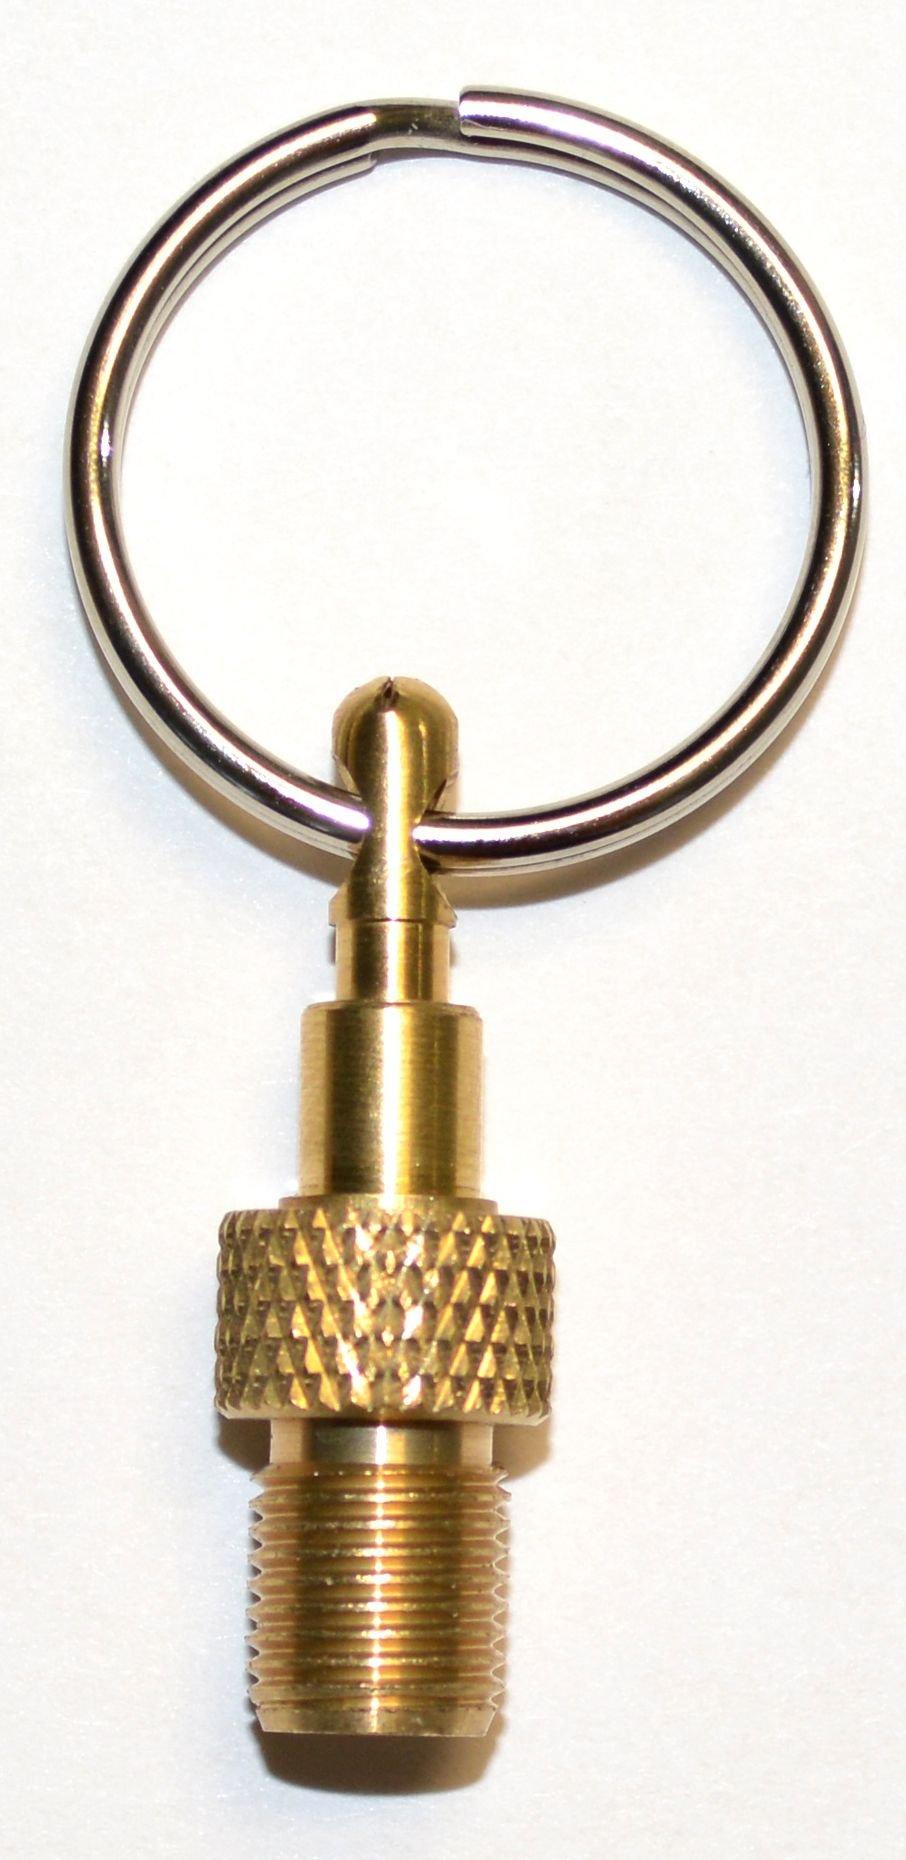 zubehör/Bereifung: Alligator  Schraubnippel am Schlüsselring